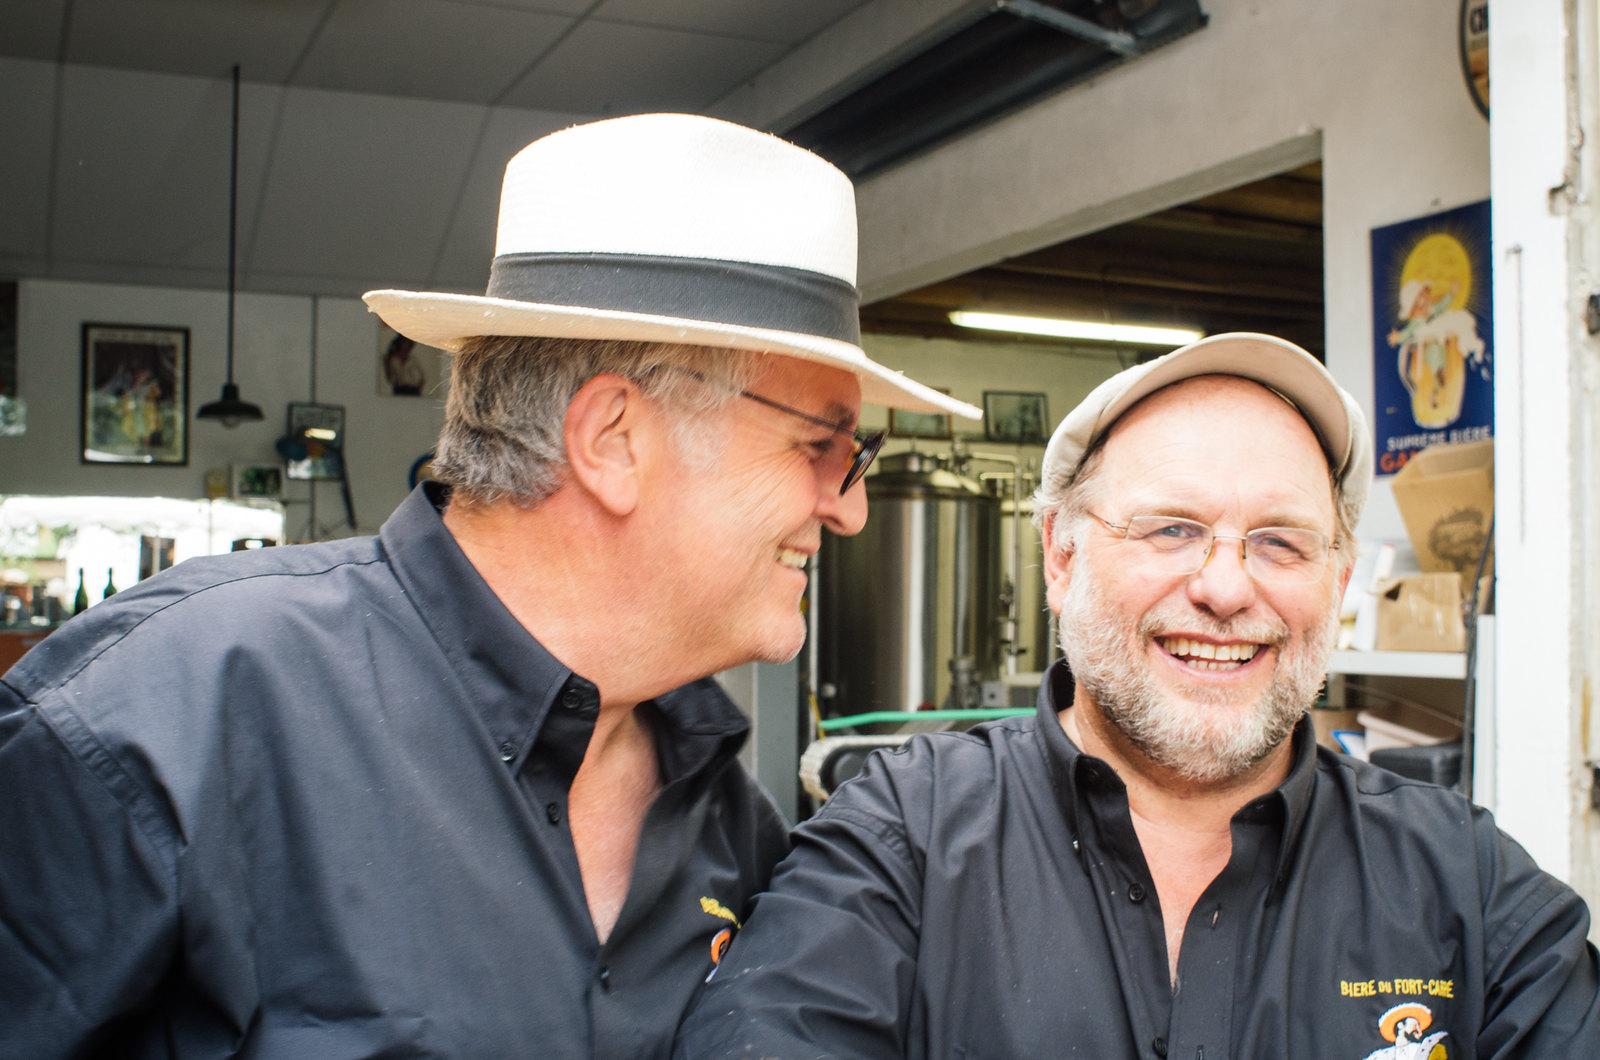 Tourisme vert en Haute-Marne - Coup de chaud au paradis - Le sourire du brasseur